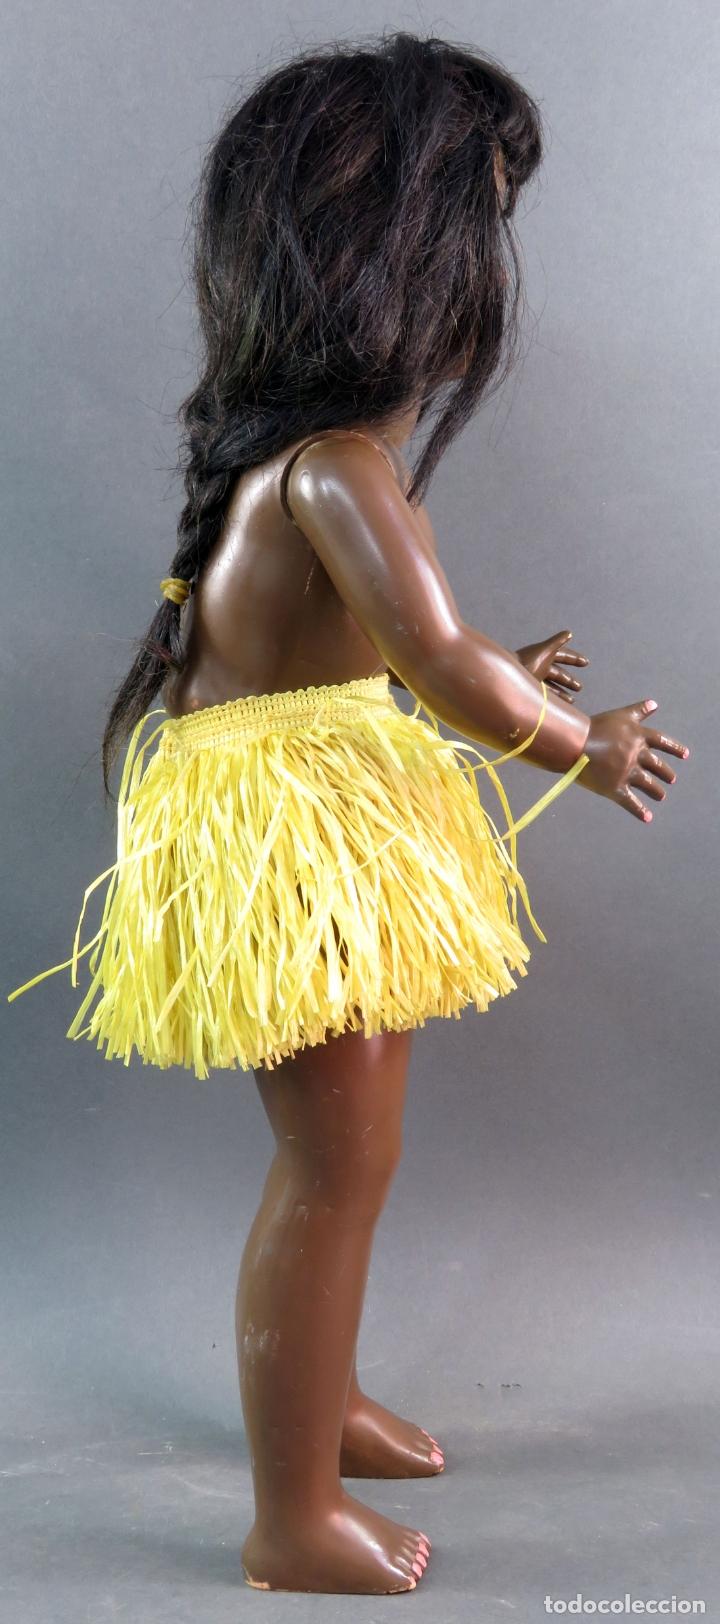 Muñeca Cayetana: Cayetana negra hawaiana Diana celuloide ojo durmiente flirty eyes años 50 45 cm alto - Foto 7 - 176754382